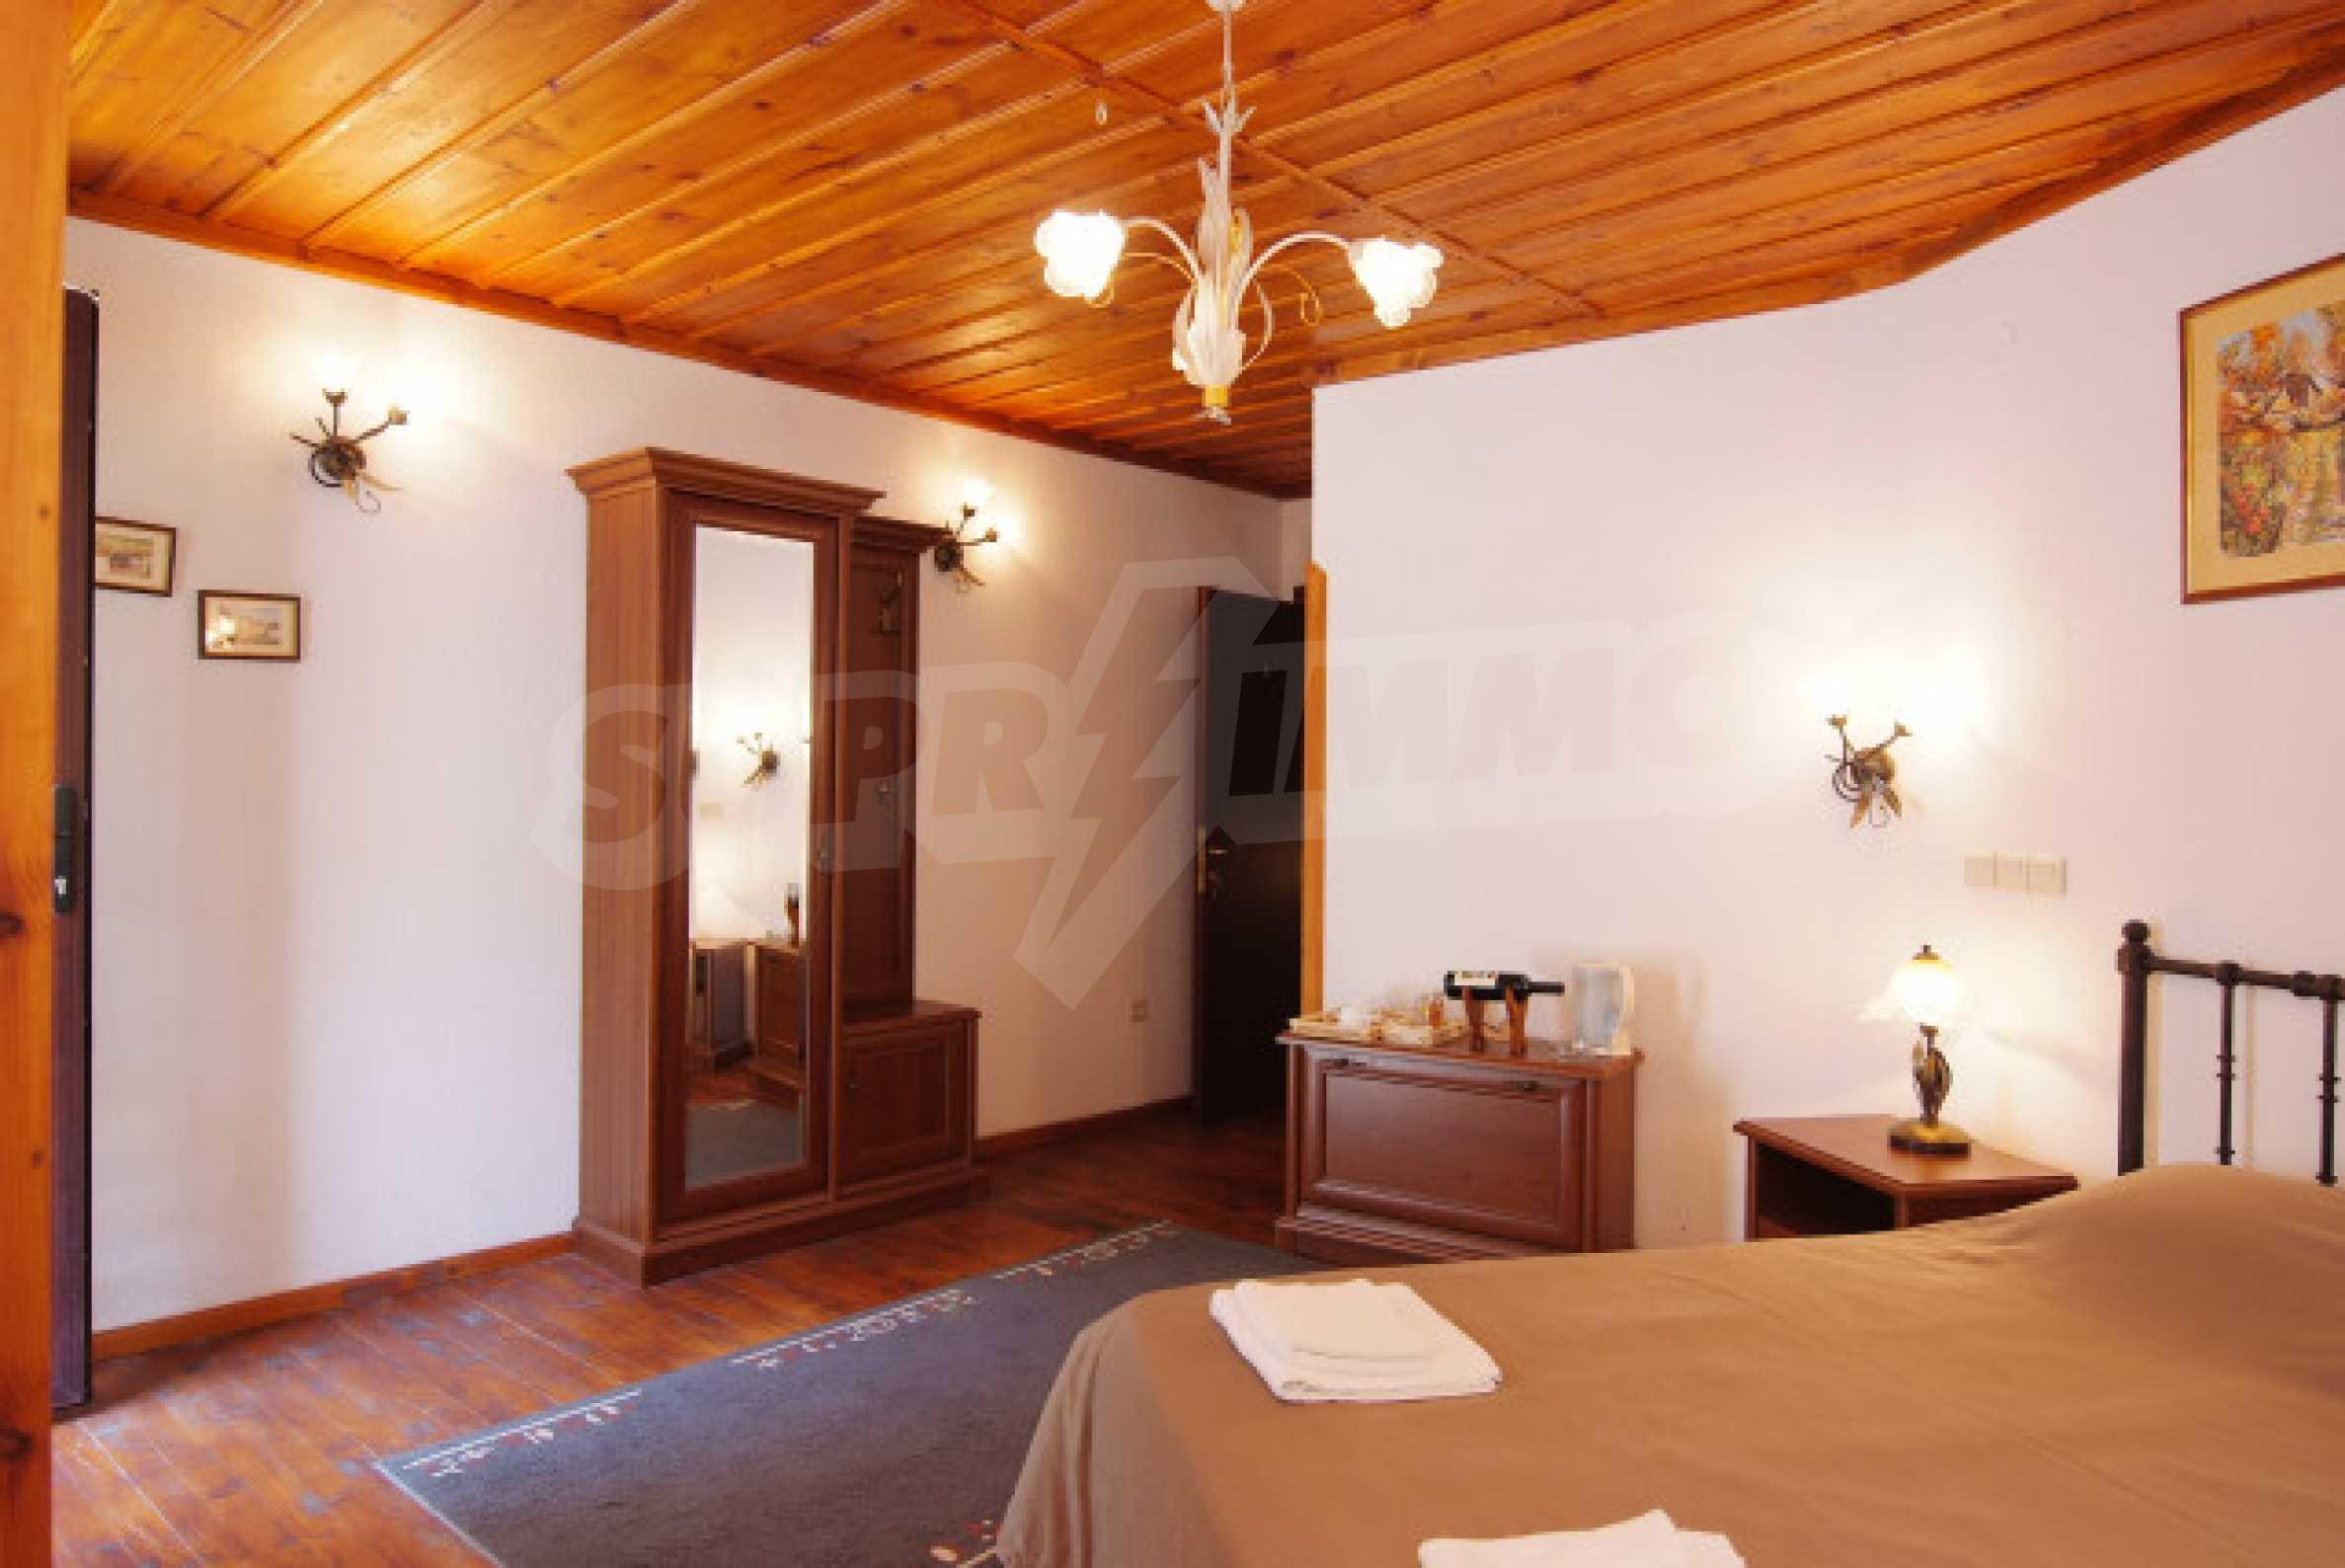 Семеен хотел в центъра на град Мелник 24